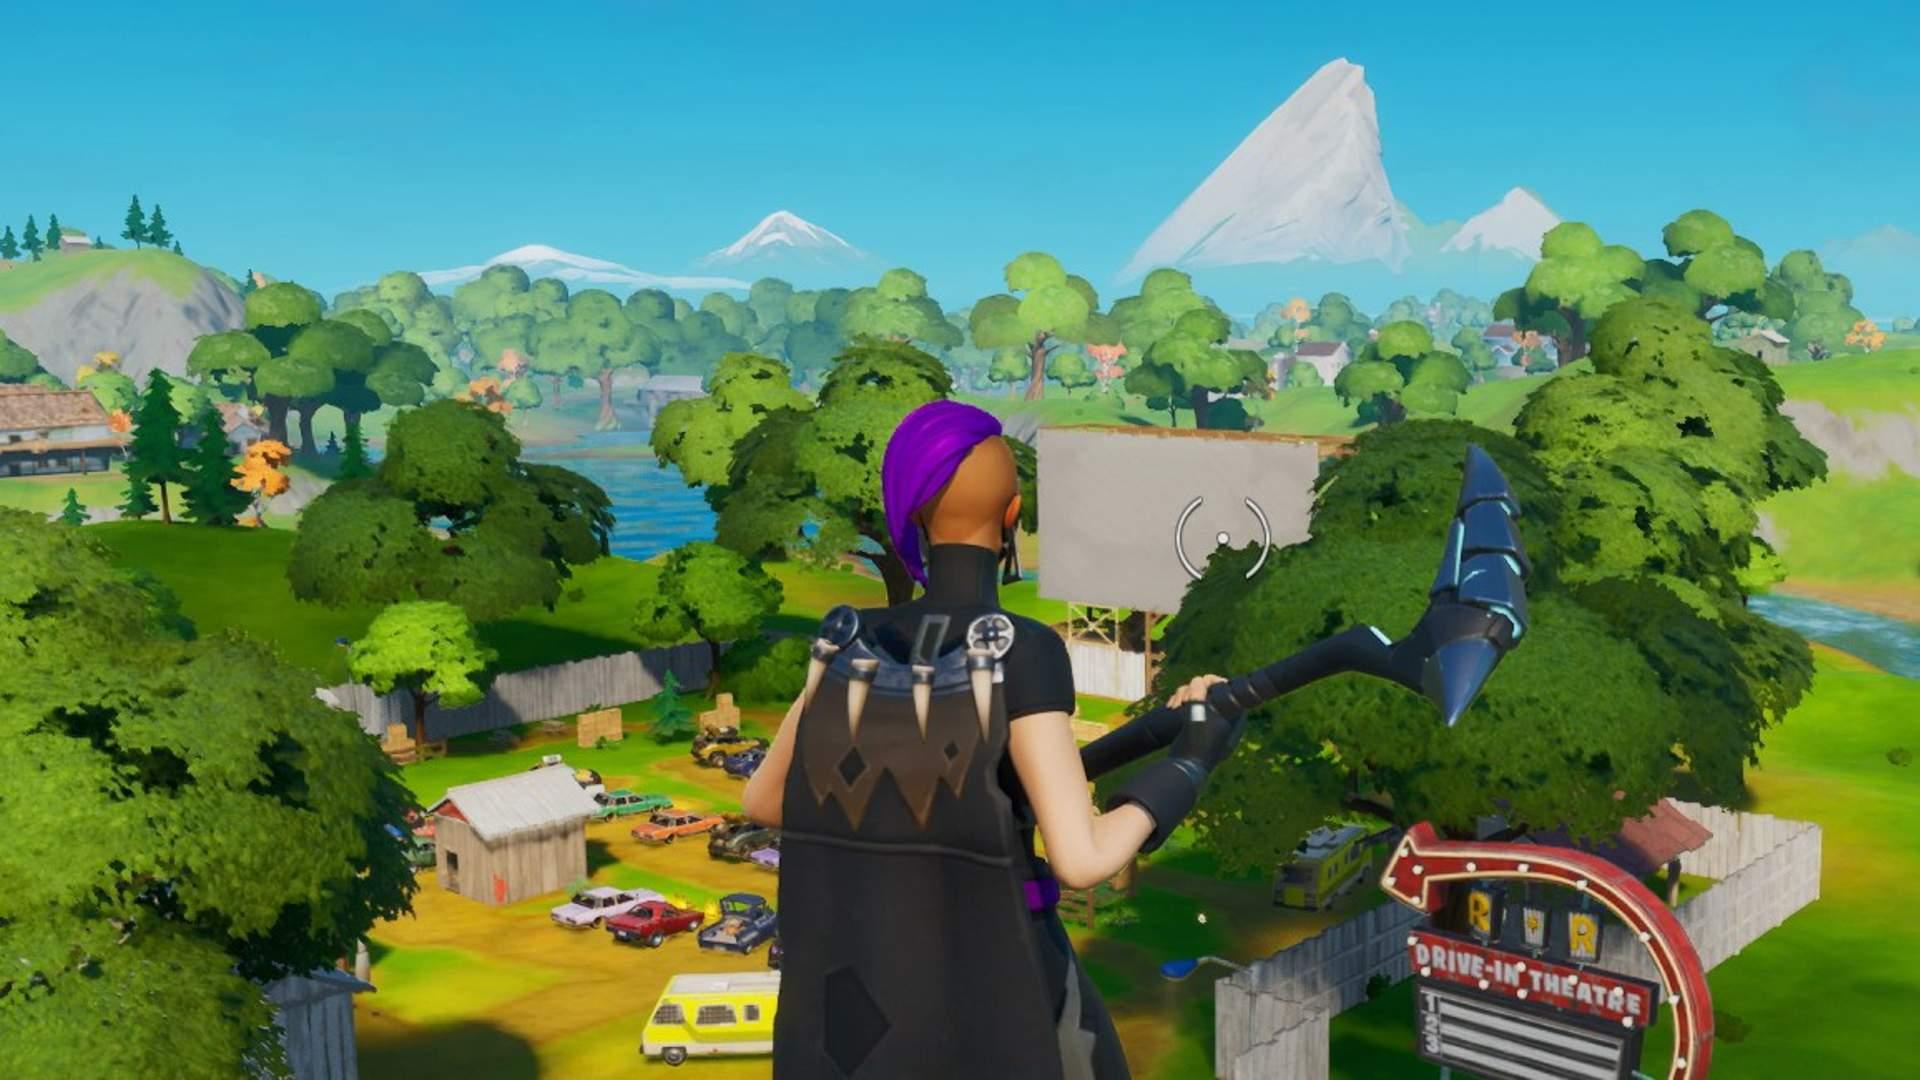 Fortnite 2  Bản đồ - Tất cả các Địa điểm và Điểm nổi bật mới Fortnite bản đồ 2